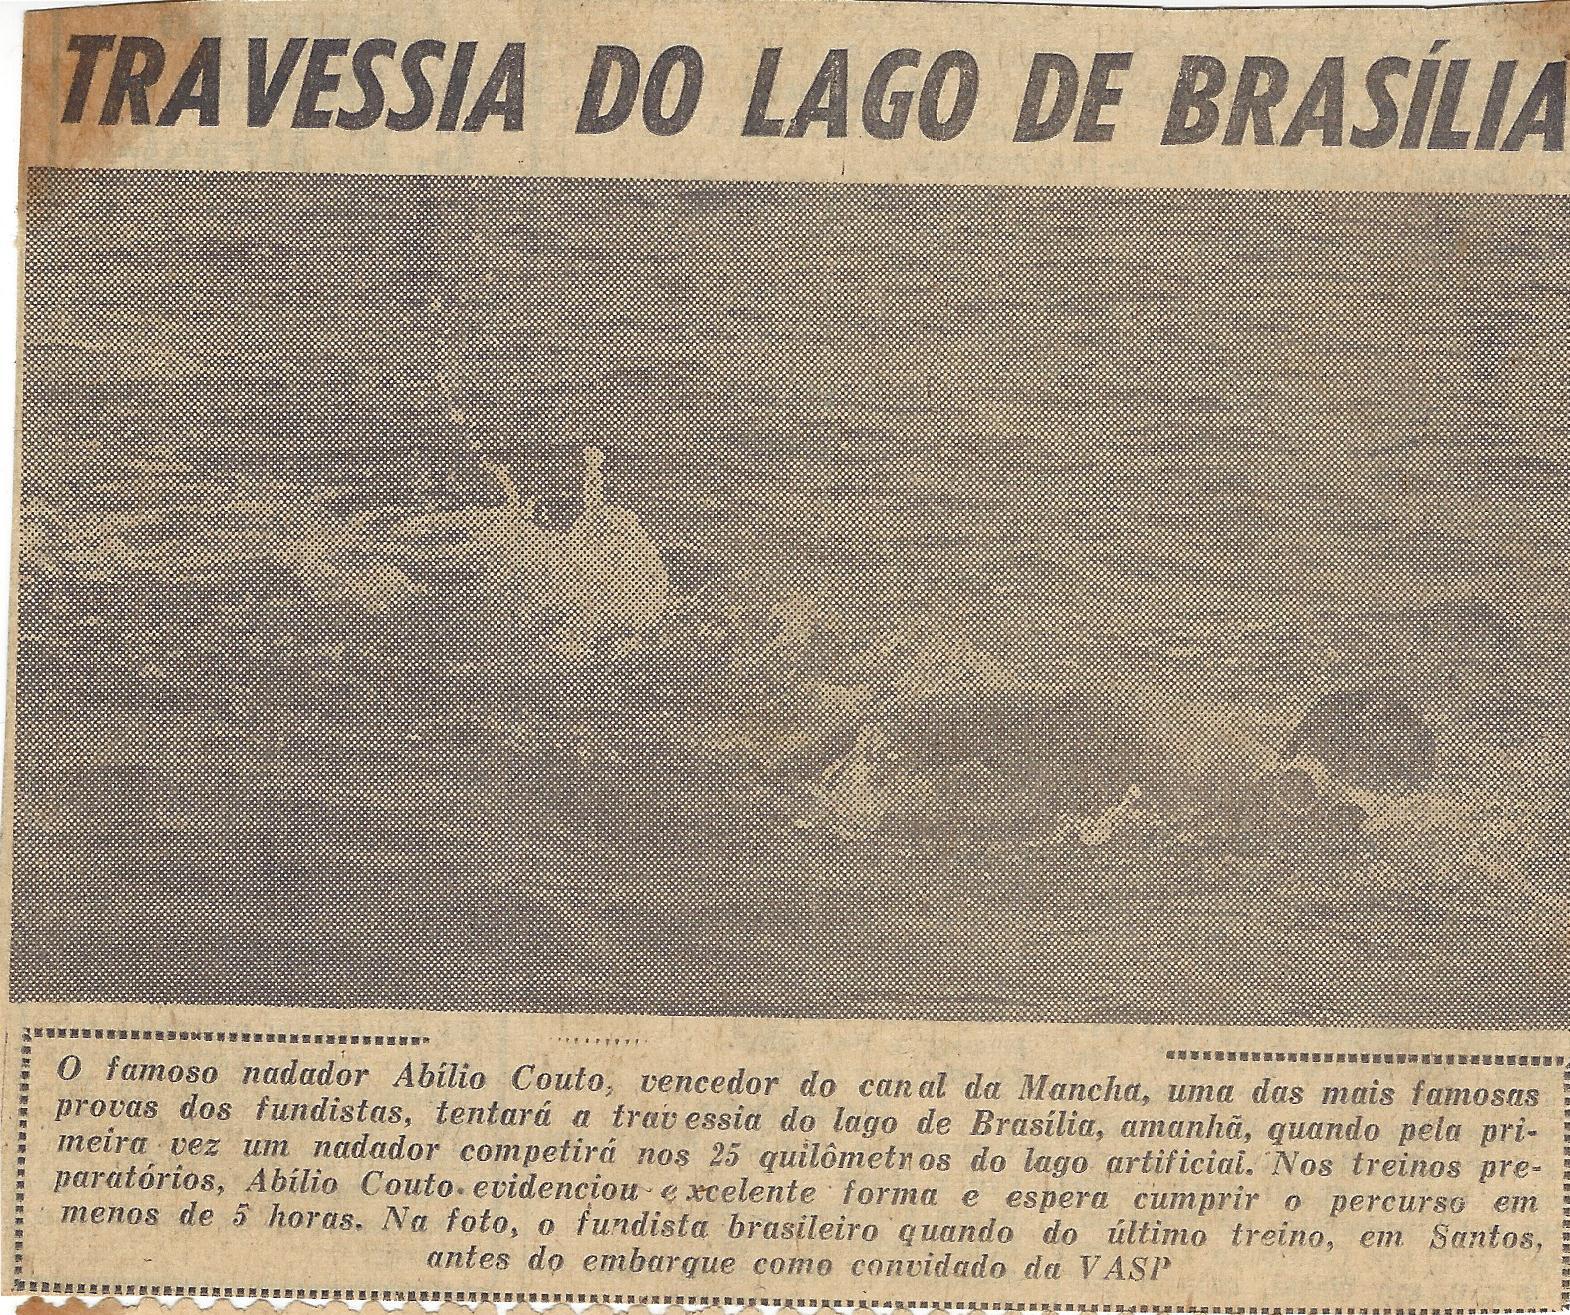 5brasilia.jpg